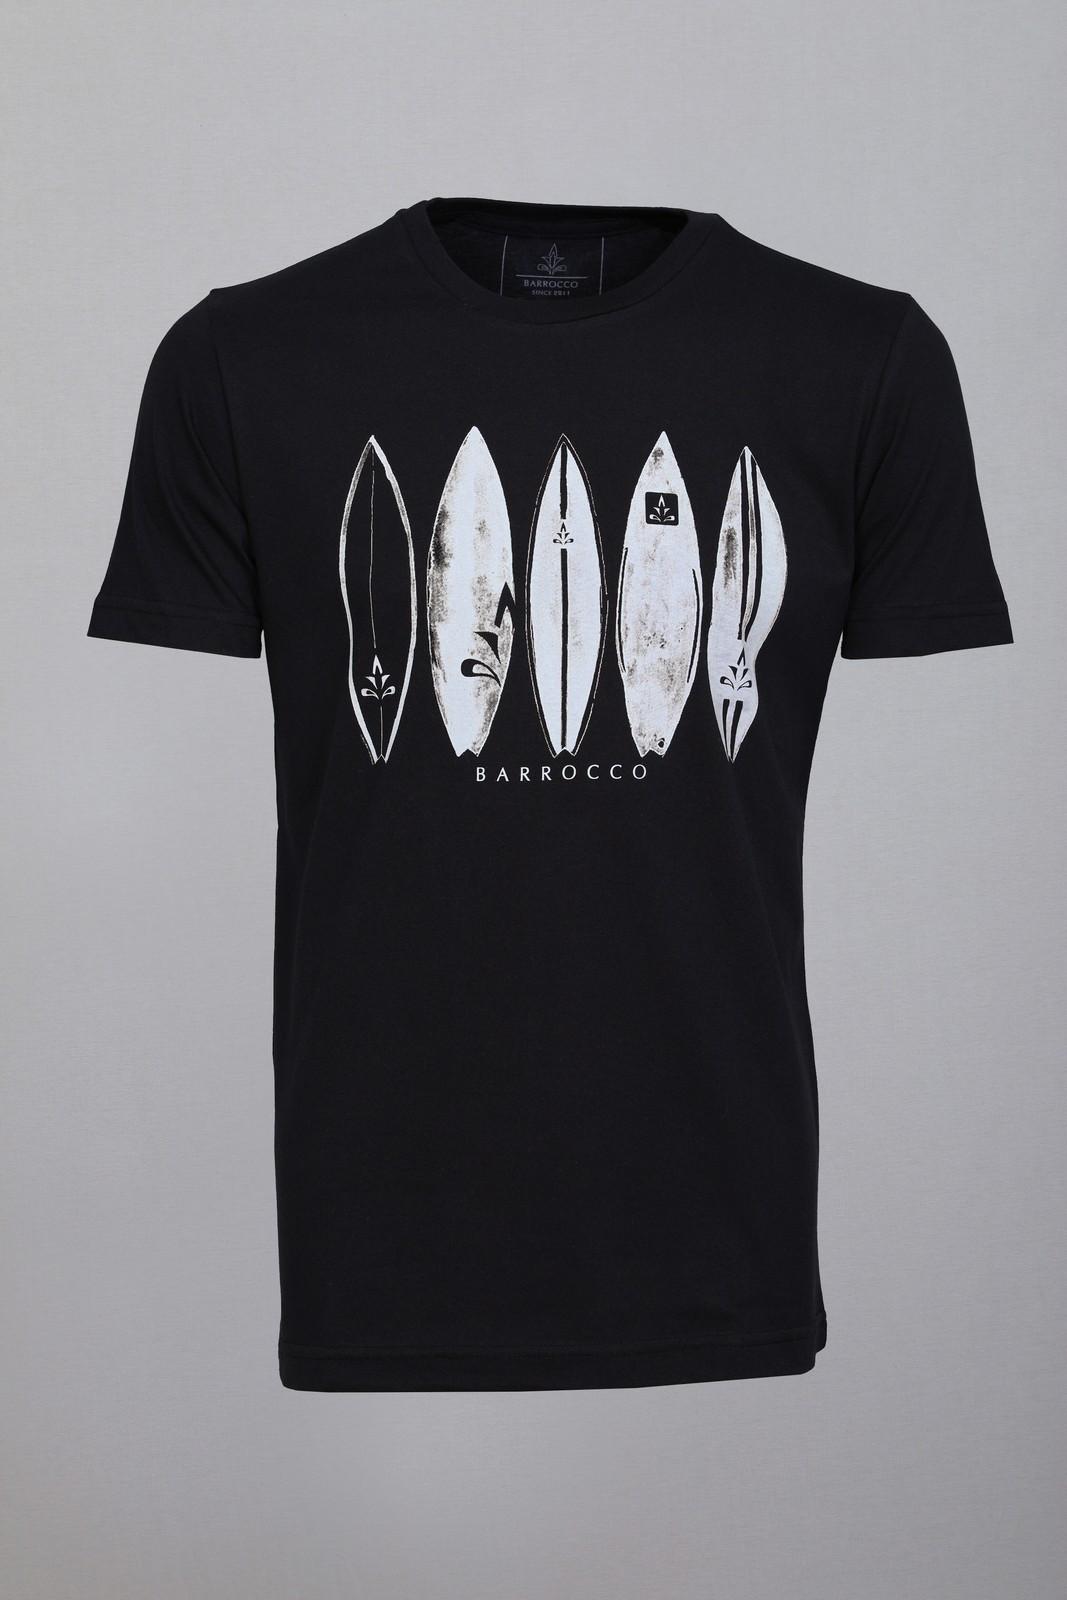 Camiseta Barrocco Papa He'e Nalu